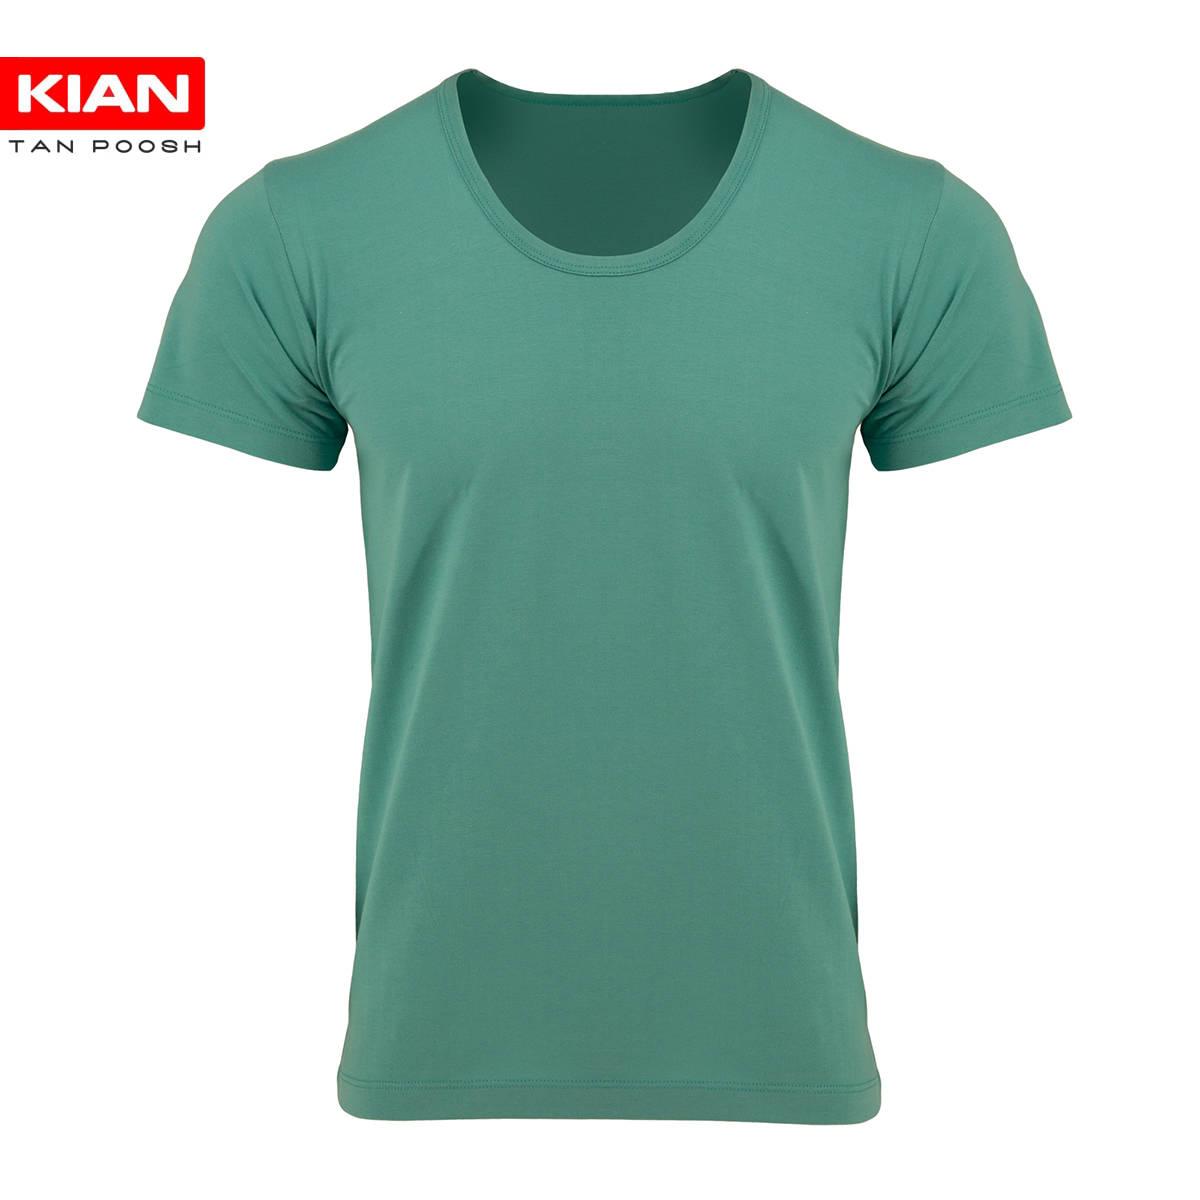 زیرپوش نیم آستین کلاسیک مردانه ساده پنبه سبز بنتون